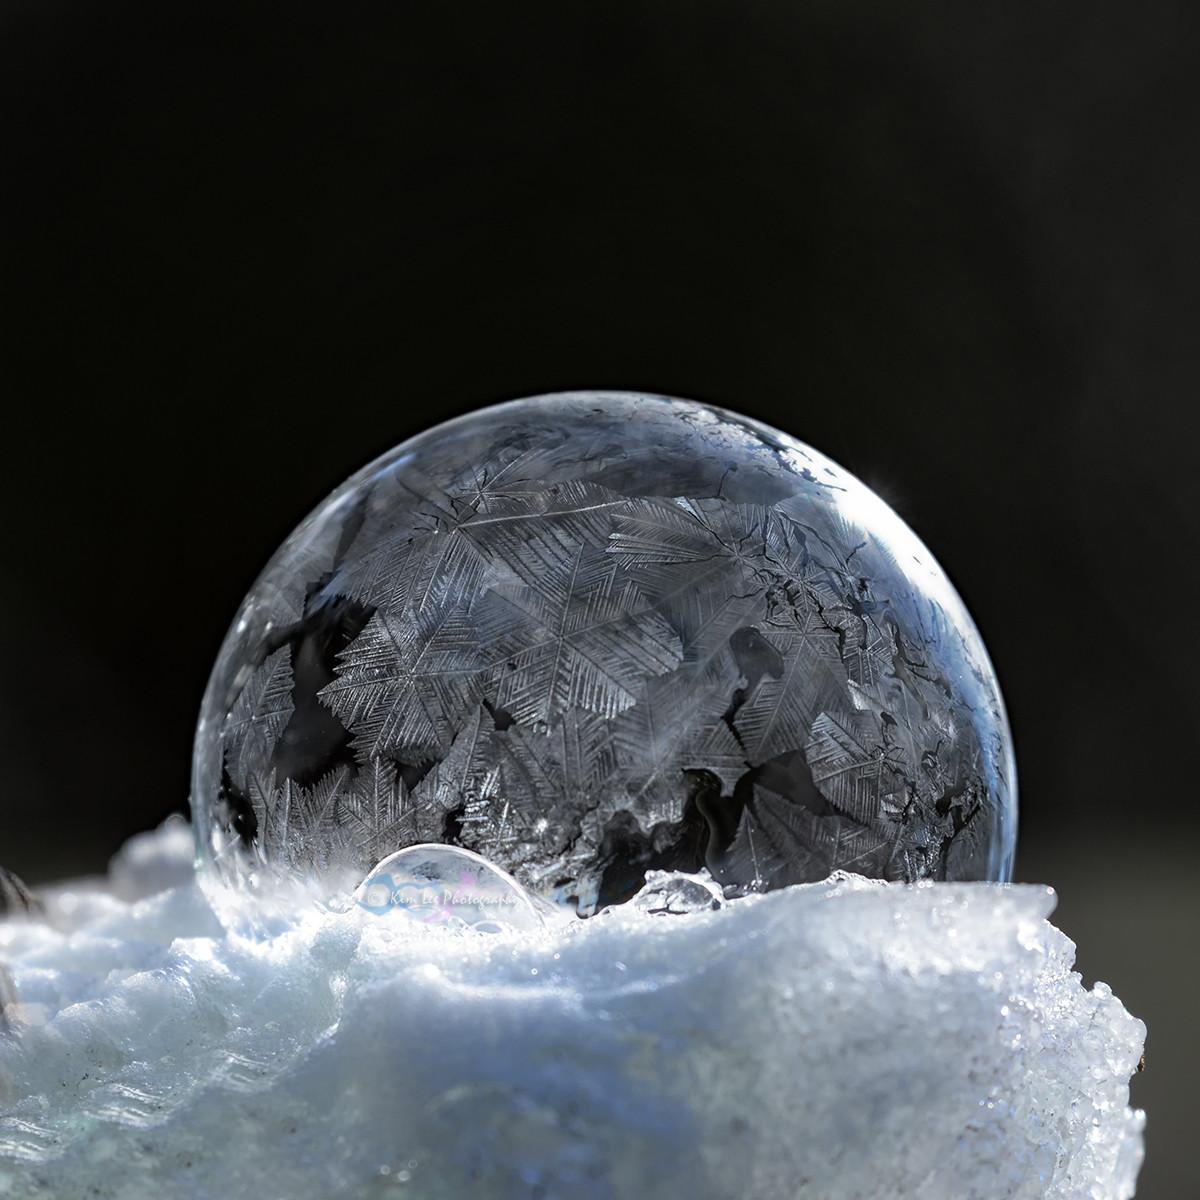 肥皂泡的冬天_图1-12